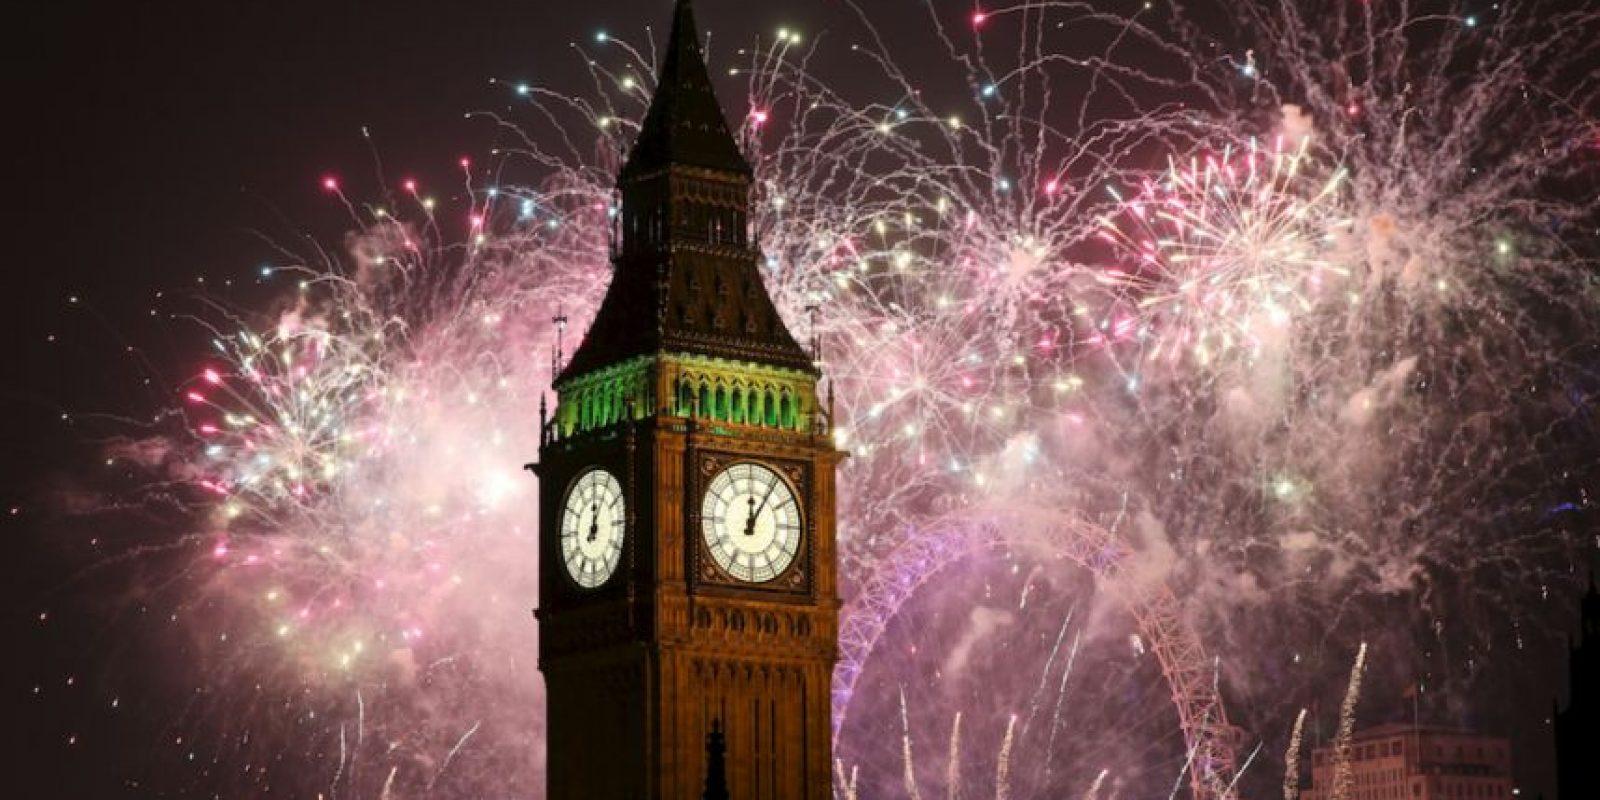 Está ubicado en Londres, Inglaterra, y alcanza los 93 metros de altura Foto:Getty Images